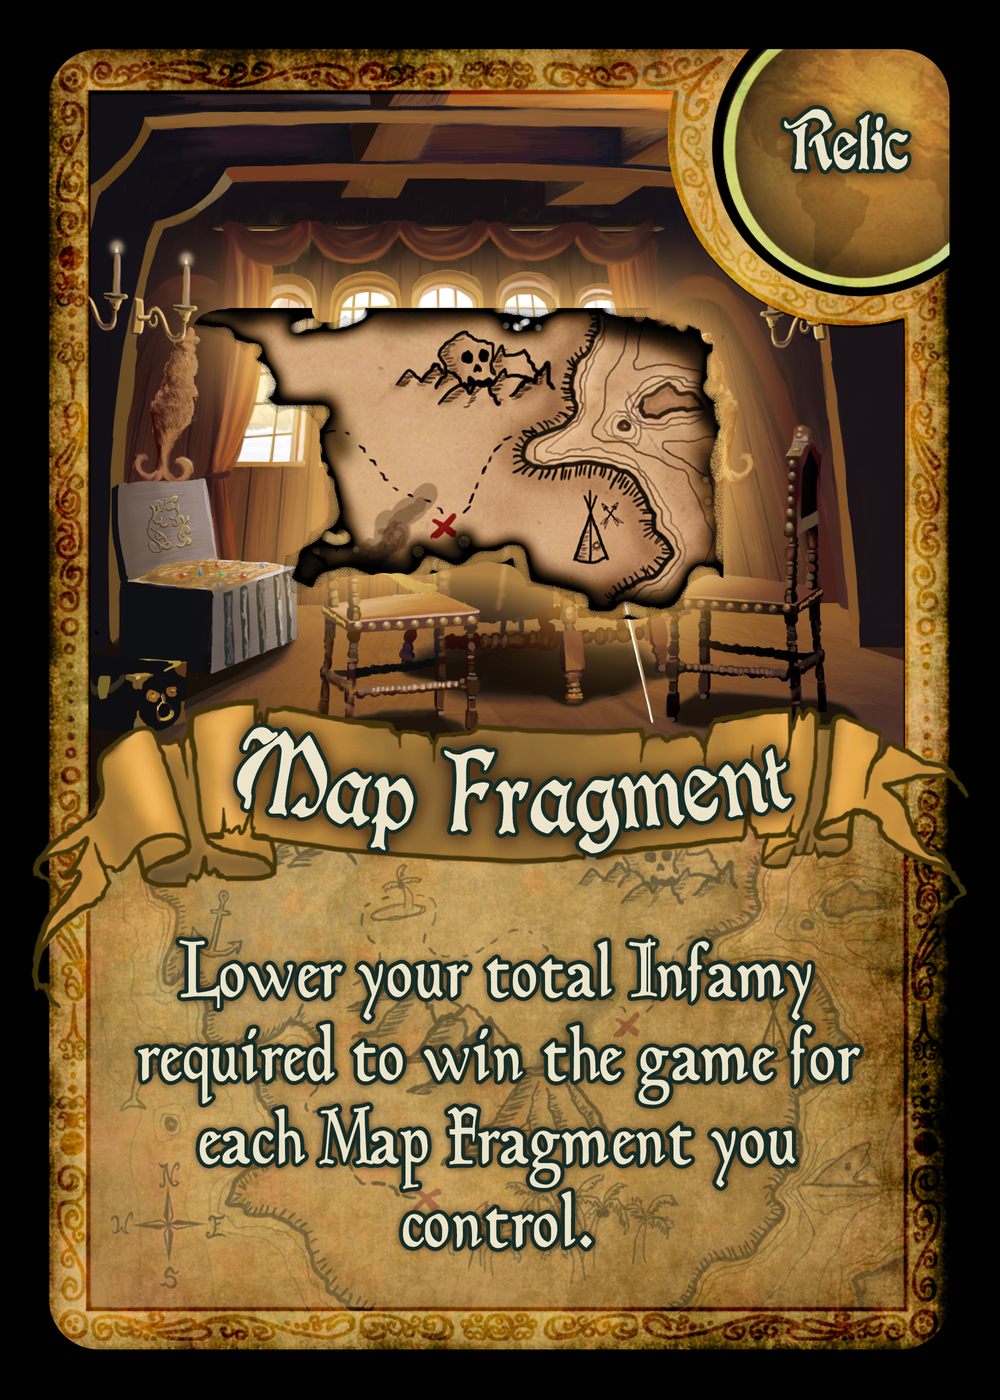 map-fragment-2.jpg